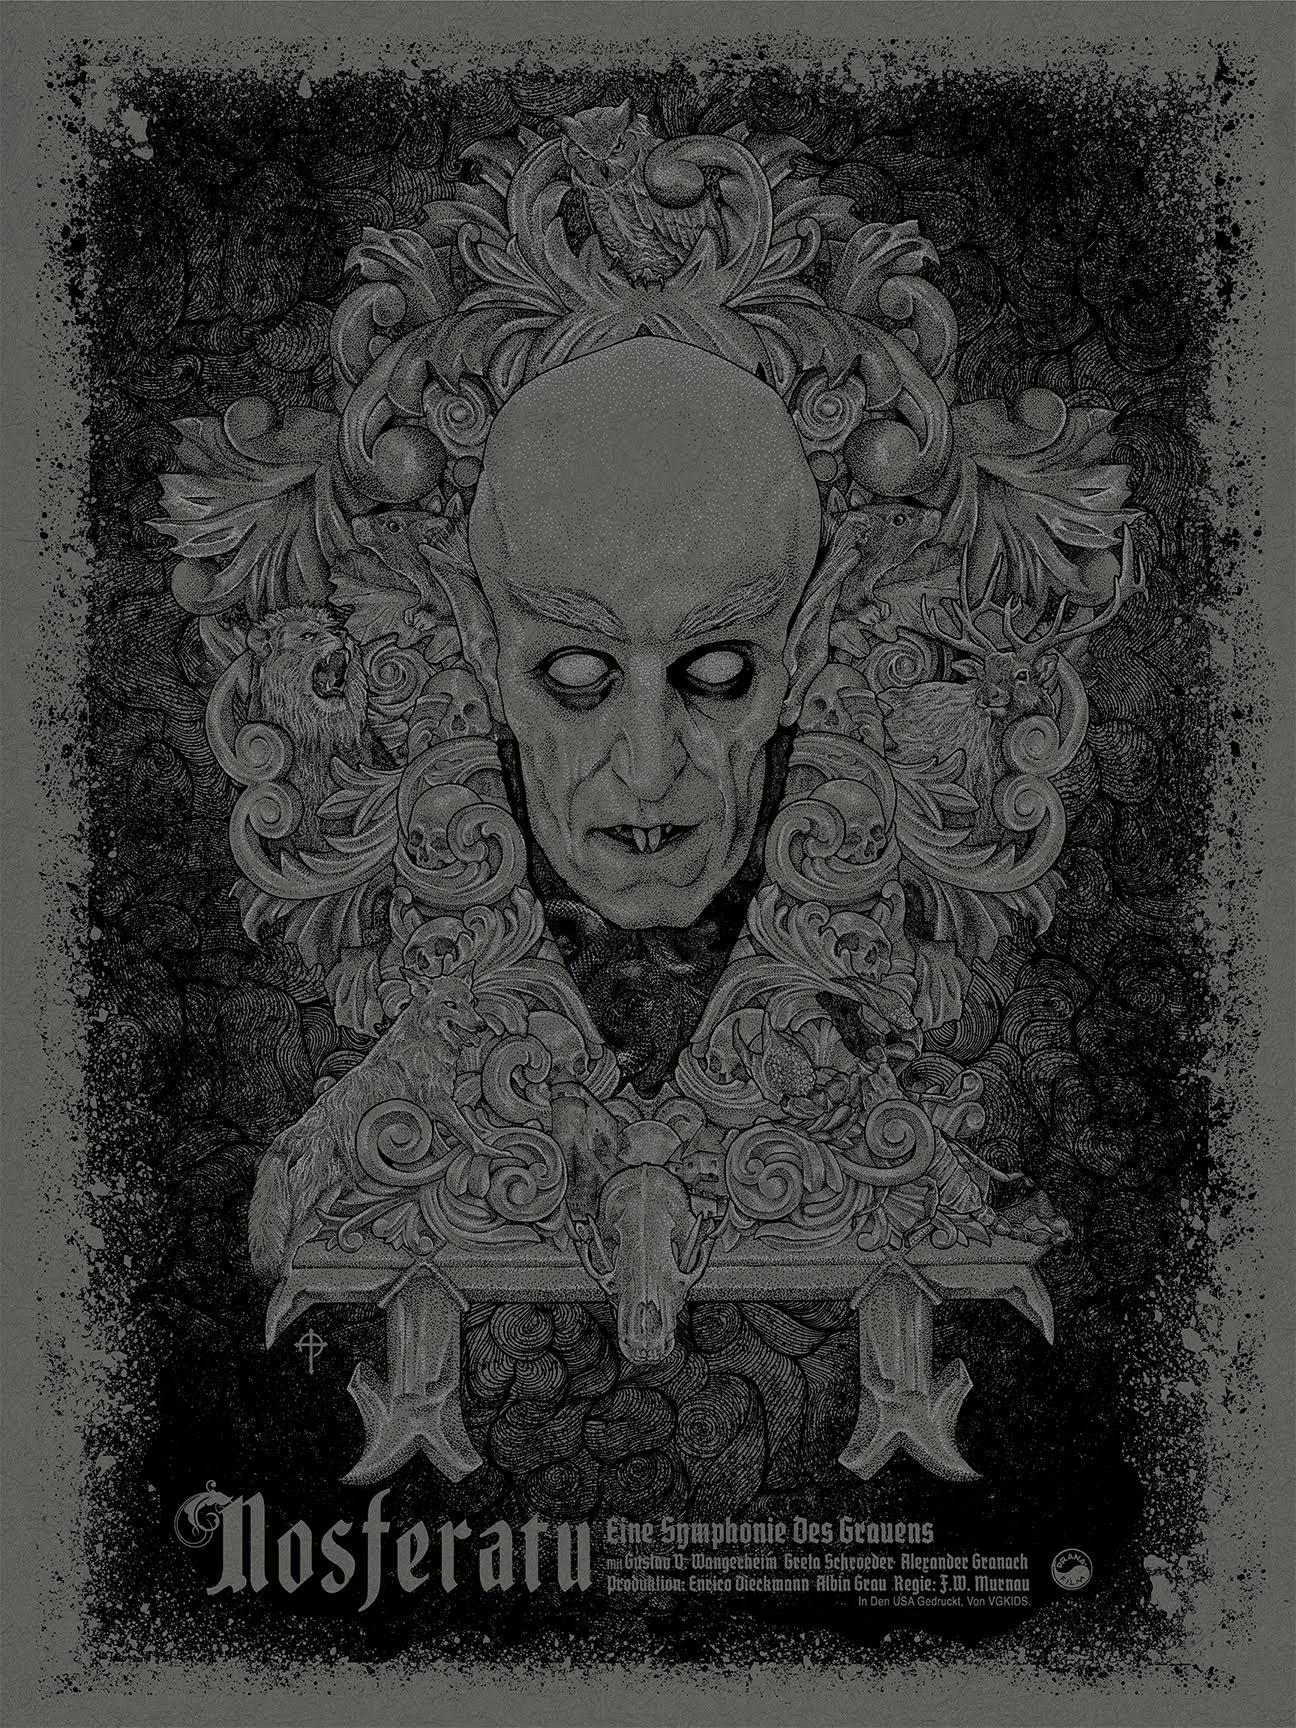 Pittides Nosferatu dusk